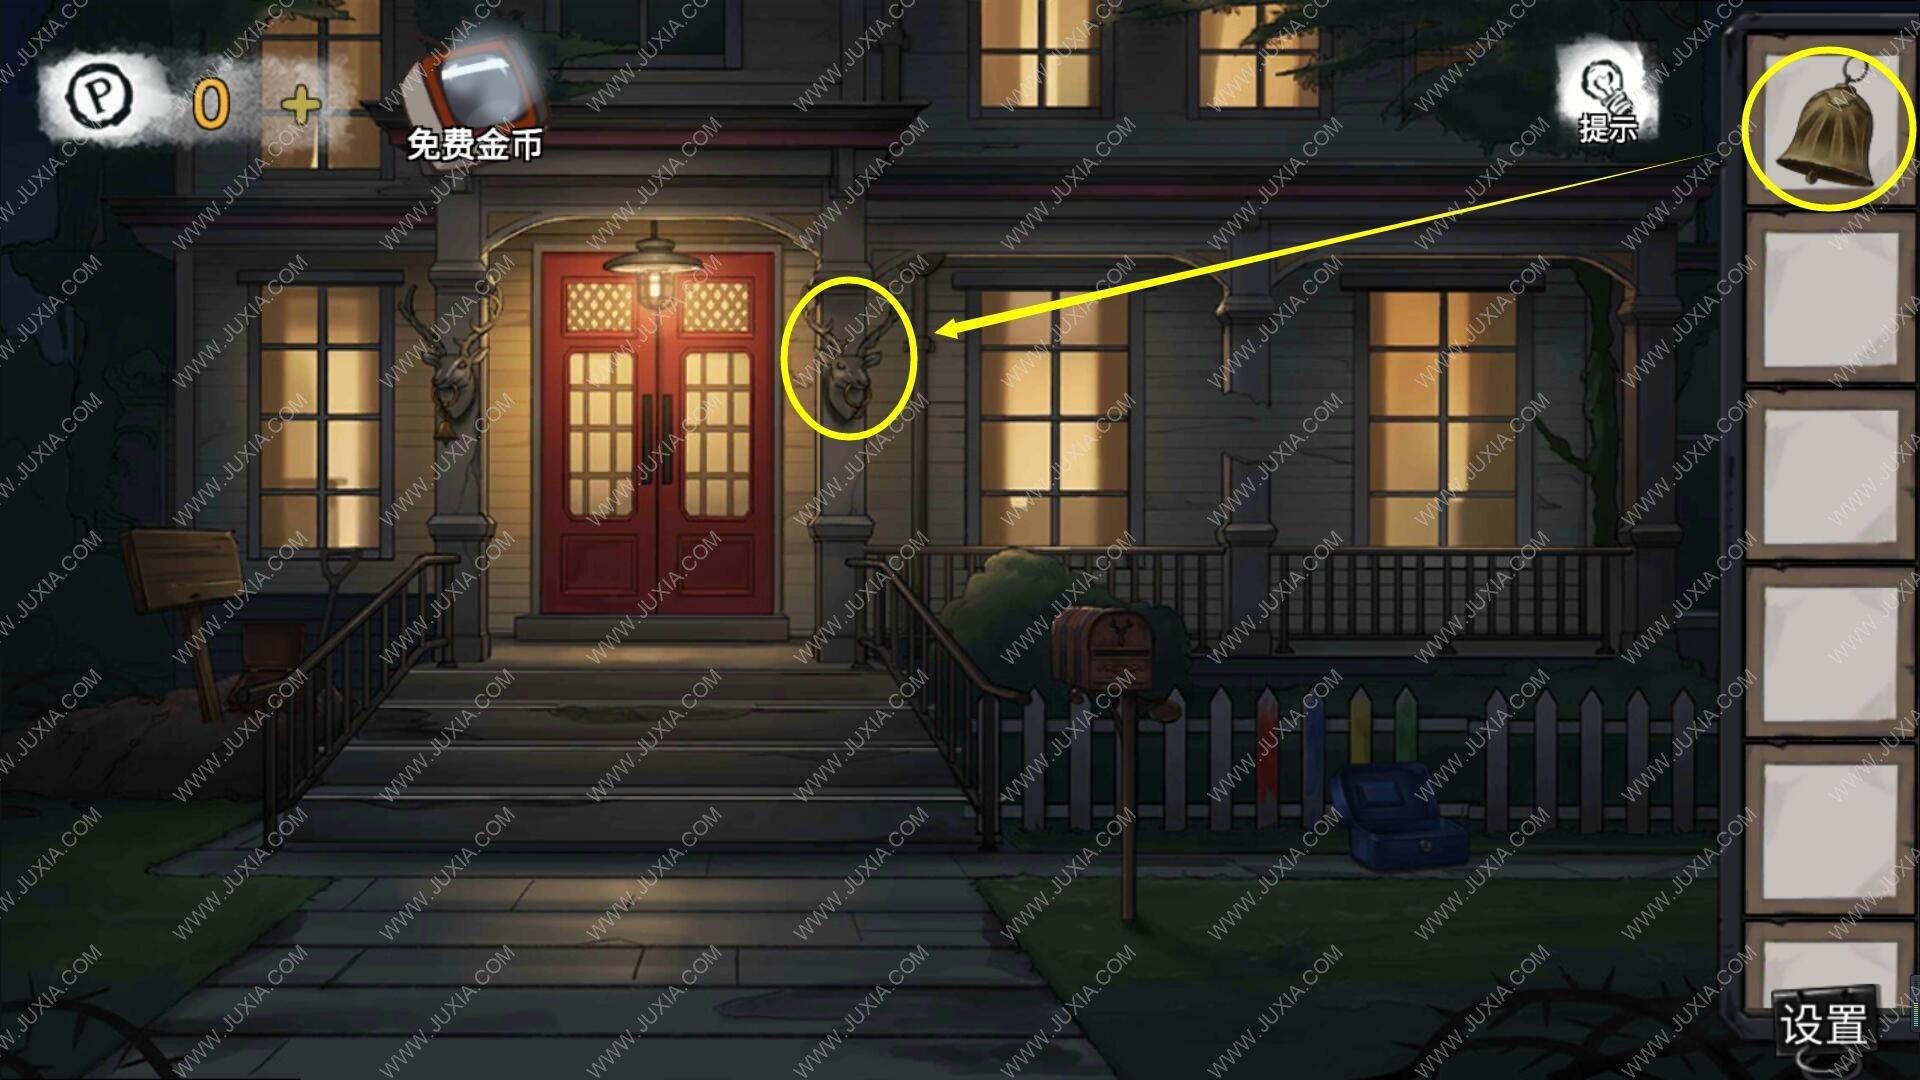 密室逃脱绝境系列9无人医院攻略第六章麦克 点心塔谜题怎么过1